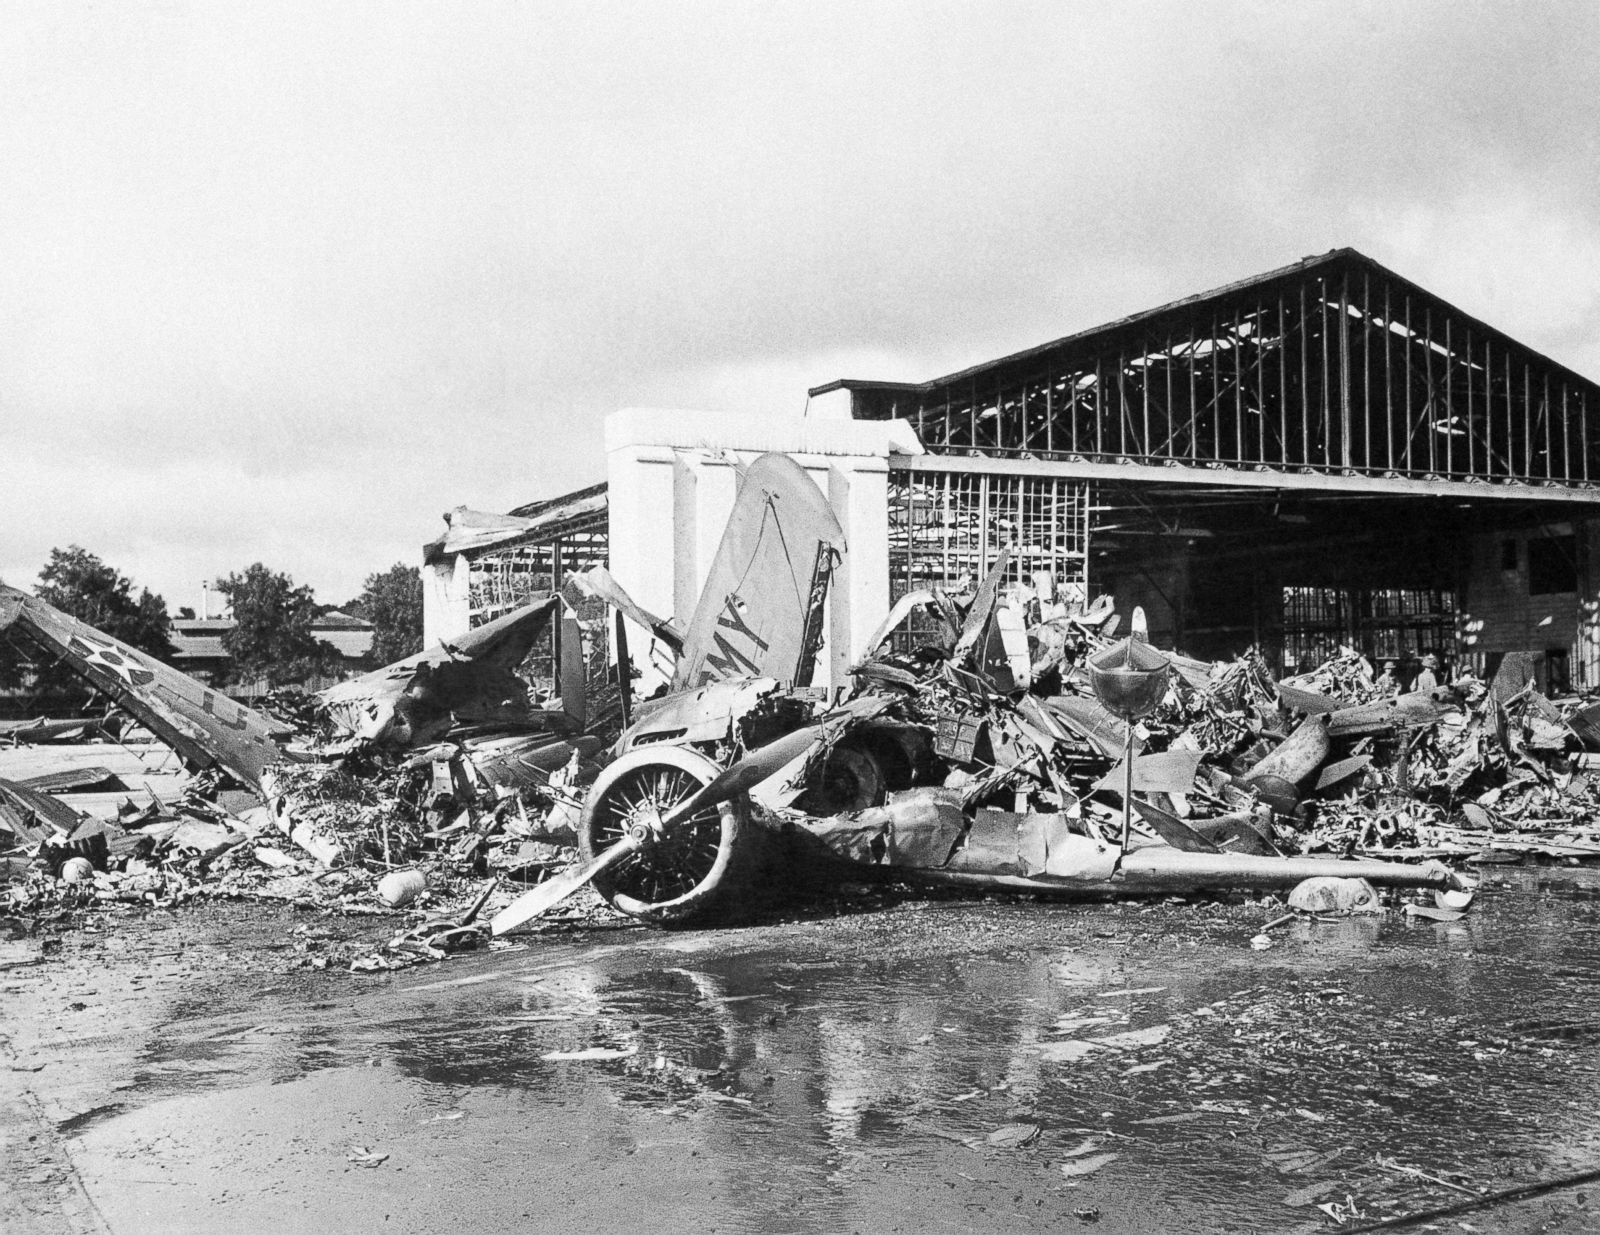 من آثار الهجوم الياباني على ميناء بيرل هاربور الأمريكي